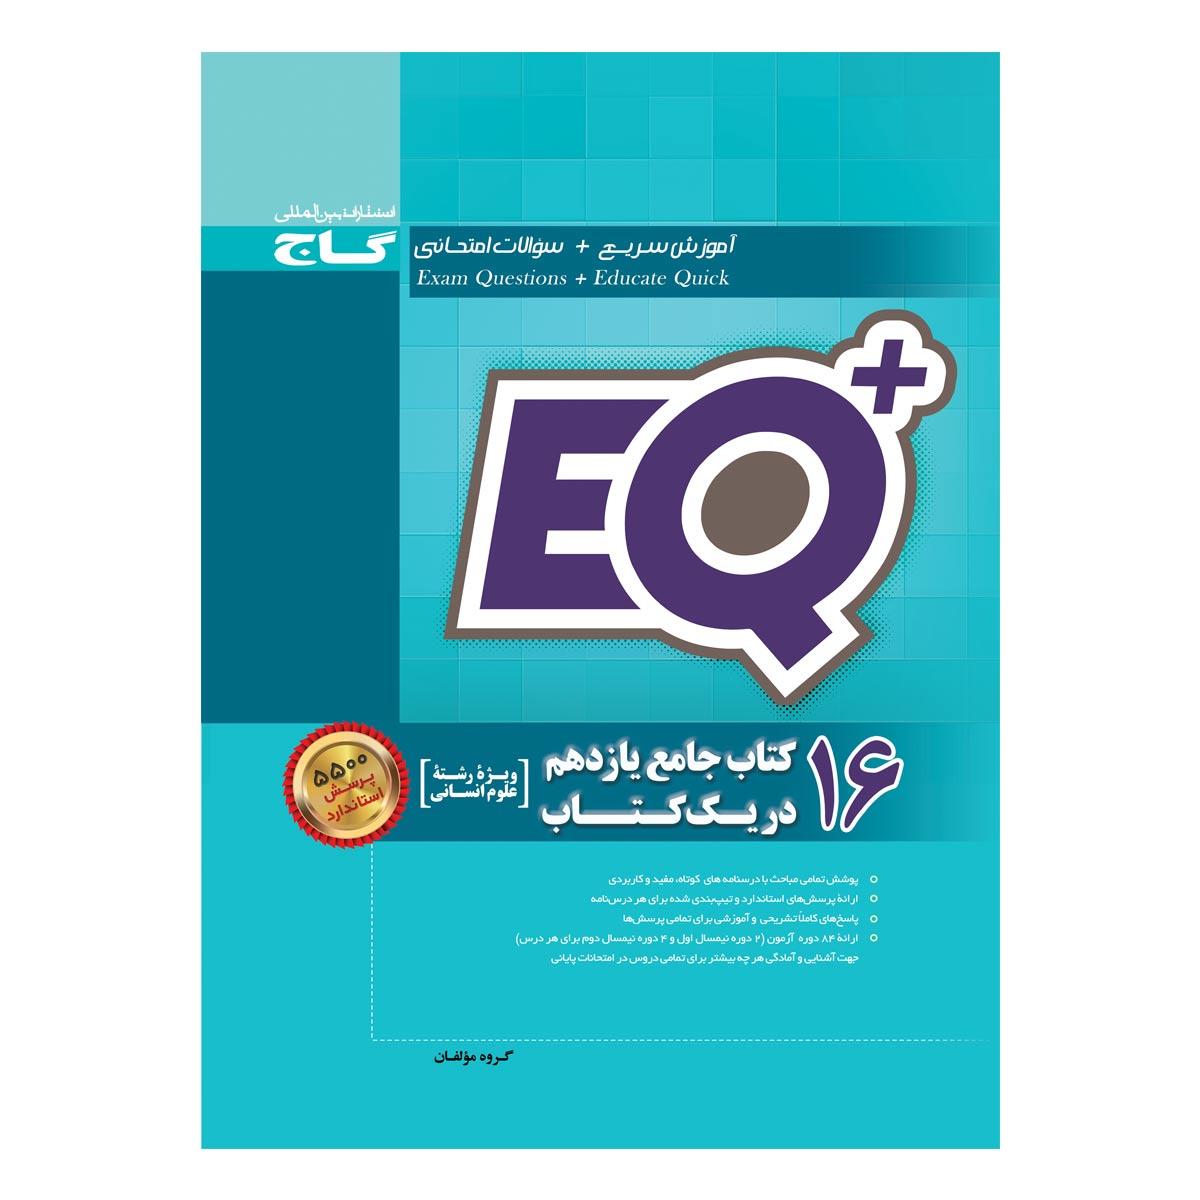 خرید                      کتاب 16 کتاب جامع یازدهم انسانی در یک کتاب سری +EQ انتشارات بین المللی گاج